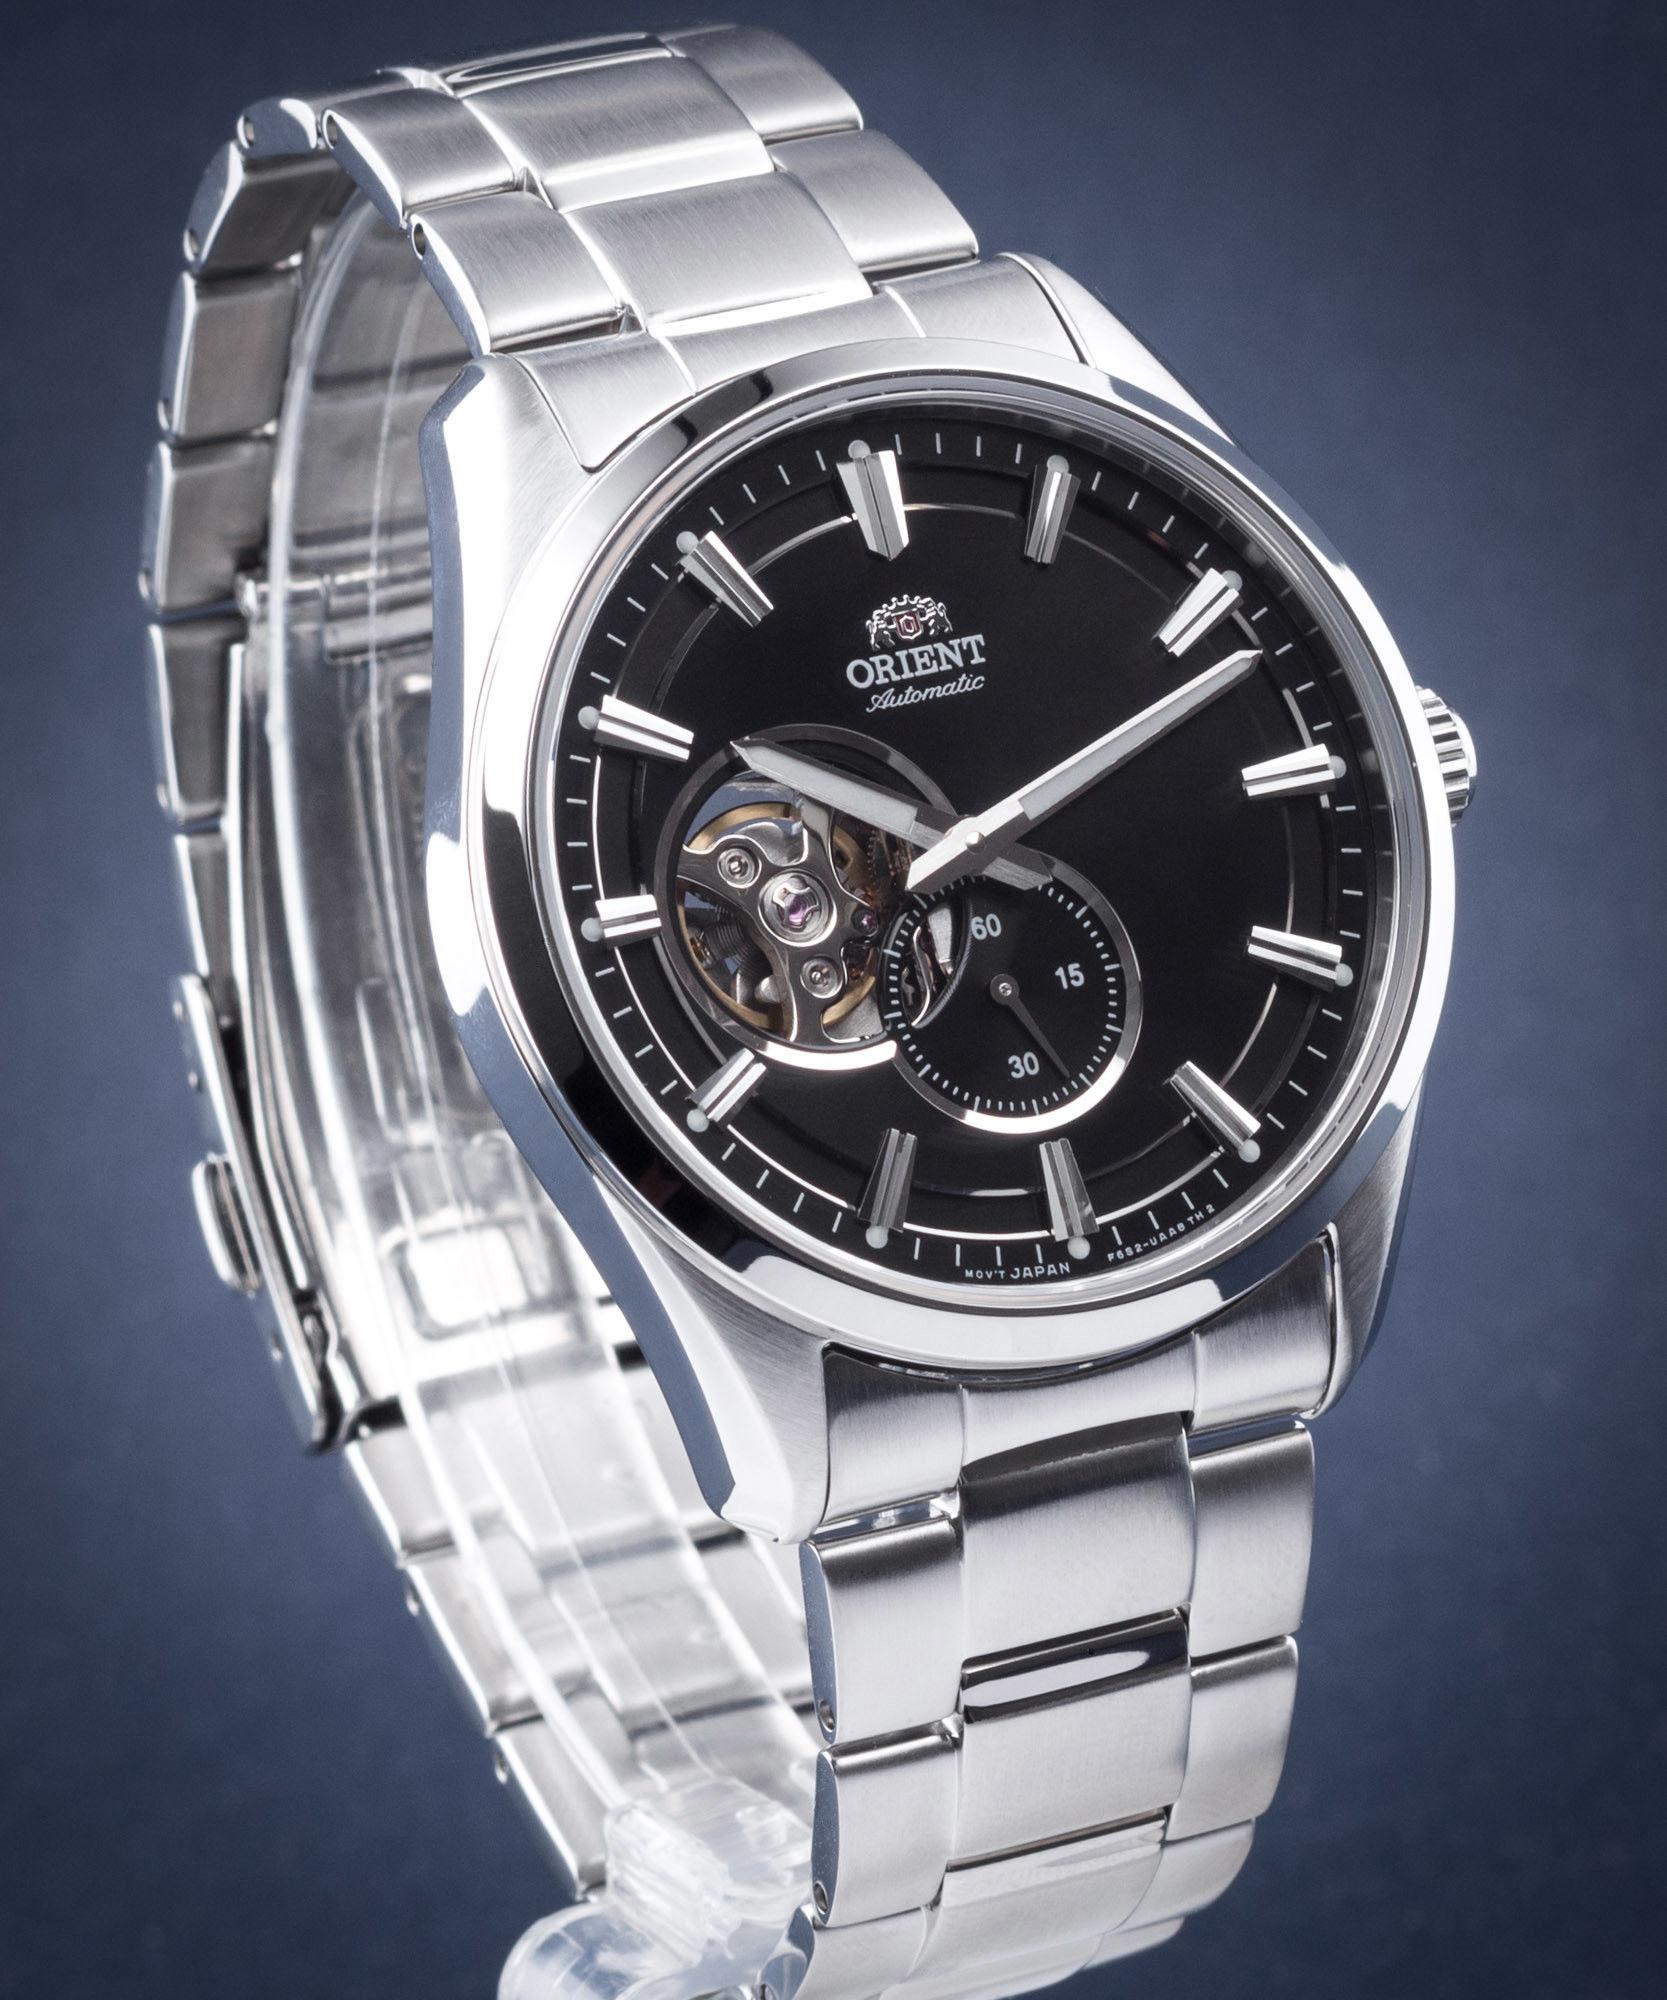 Zegarek Orient RA-AR0002B10B Contemporary Mechanical Automatic - CENA DO NEGOCJACJI - DOSTAWA DHL GRATIS, KUPUJ BEZ RYZYKA - 100 dni na zwrot, możliwość wygrawerowania dowolnego tekstu.